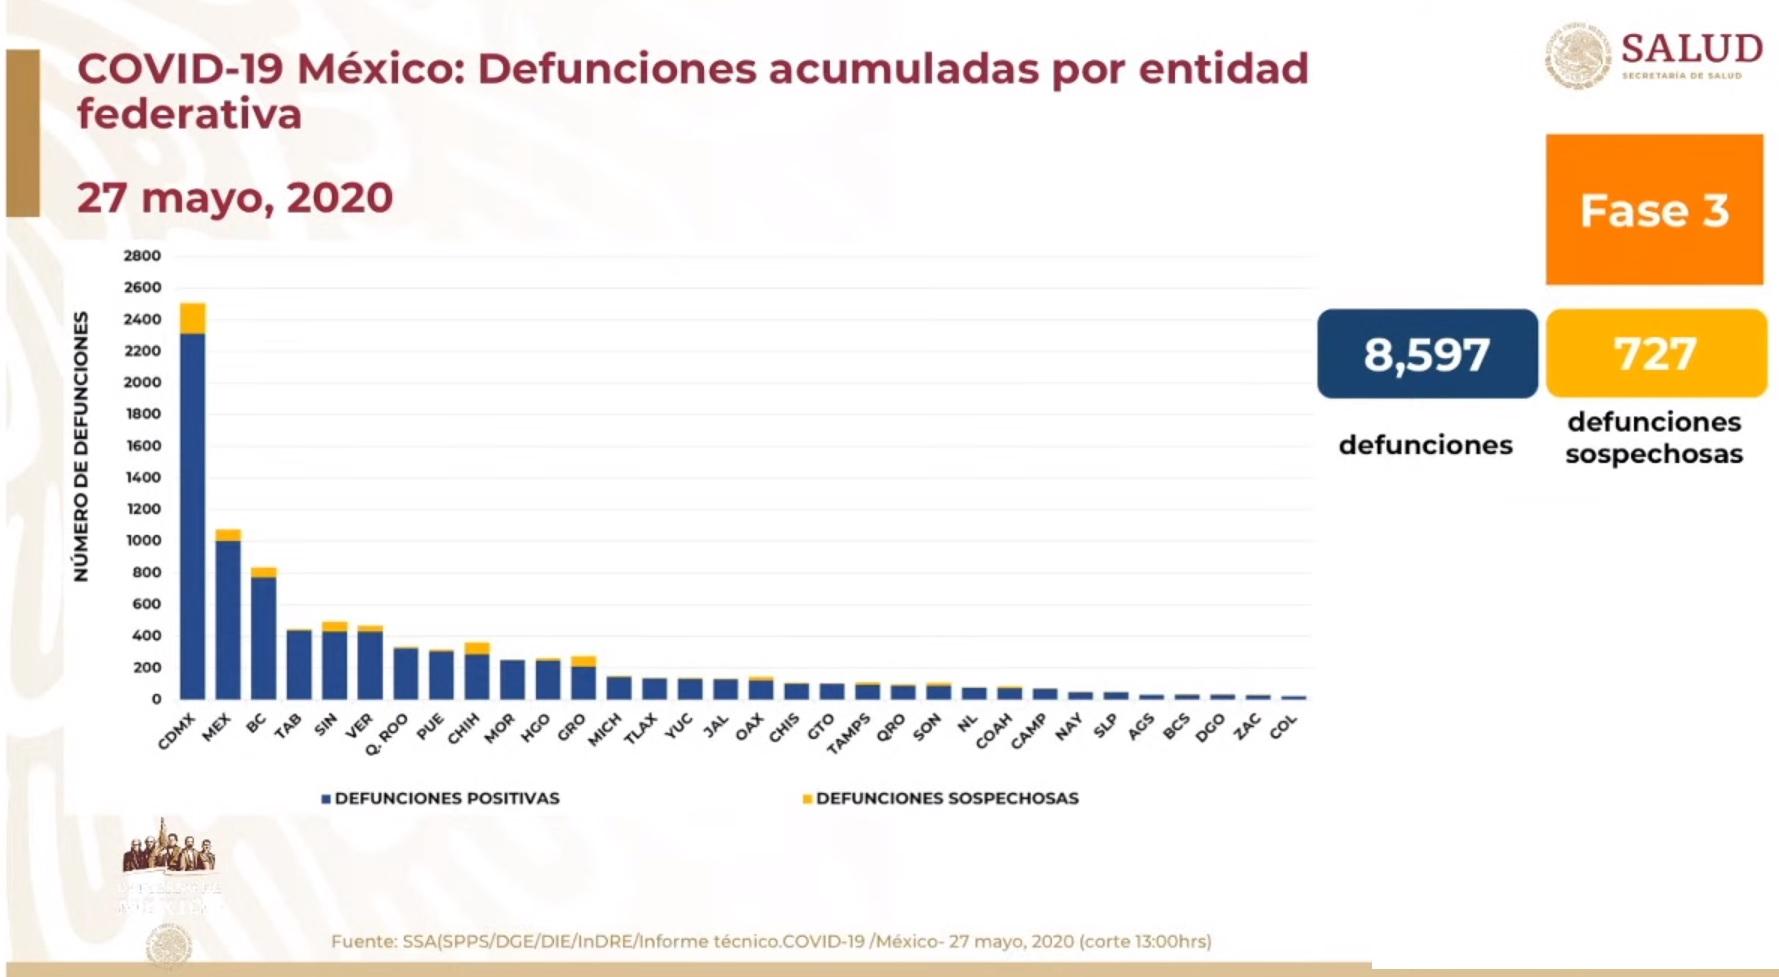 Gráfico defunciones por estado